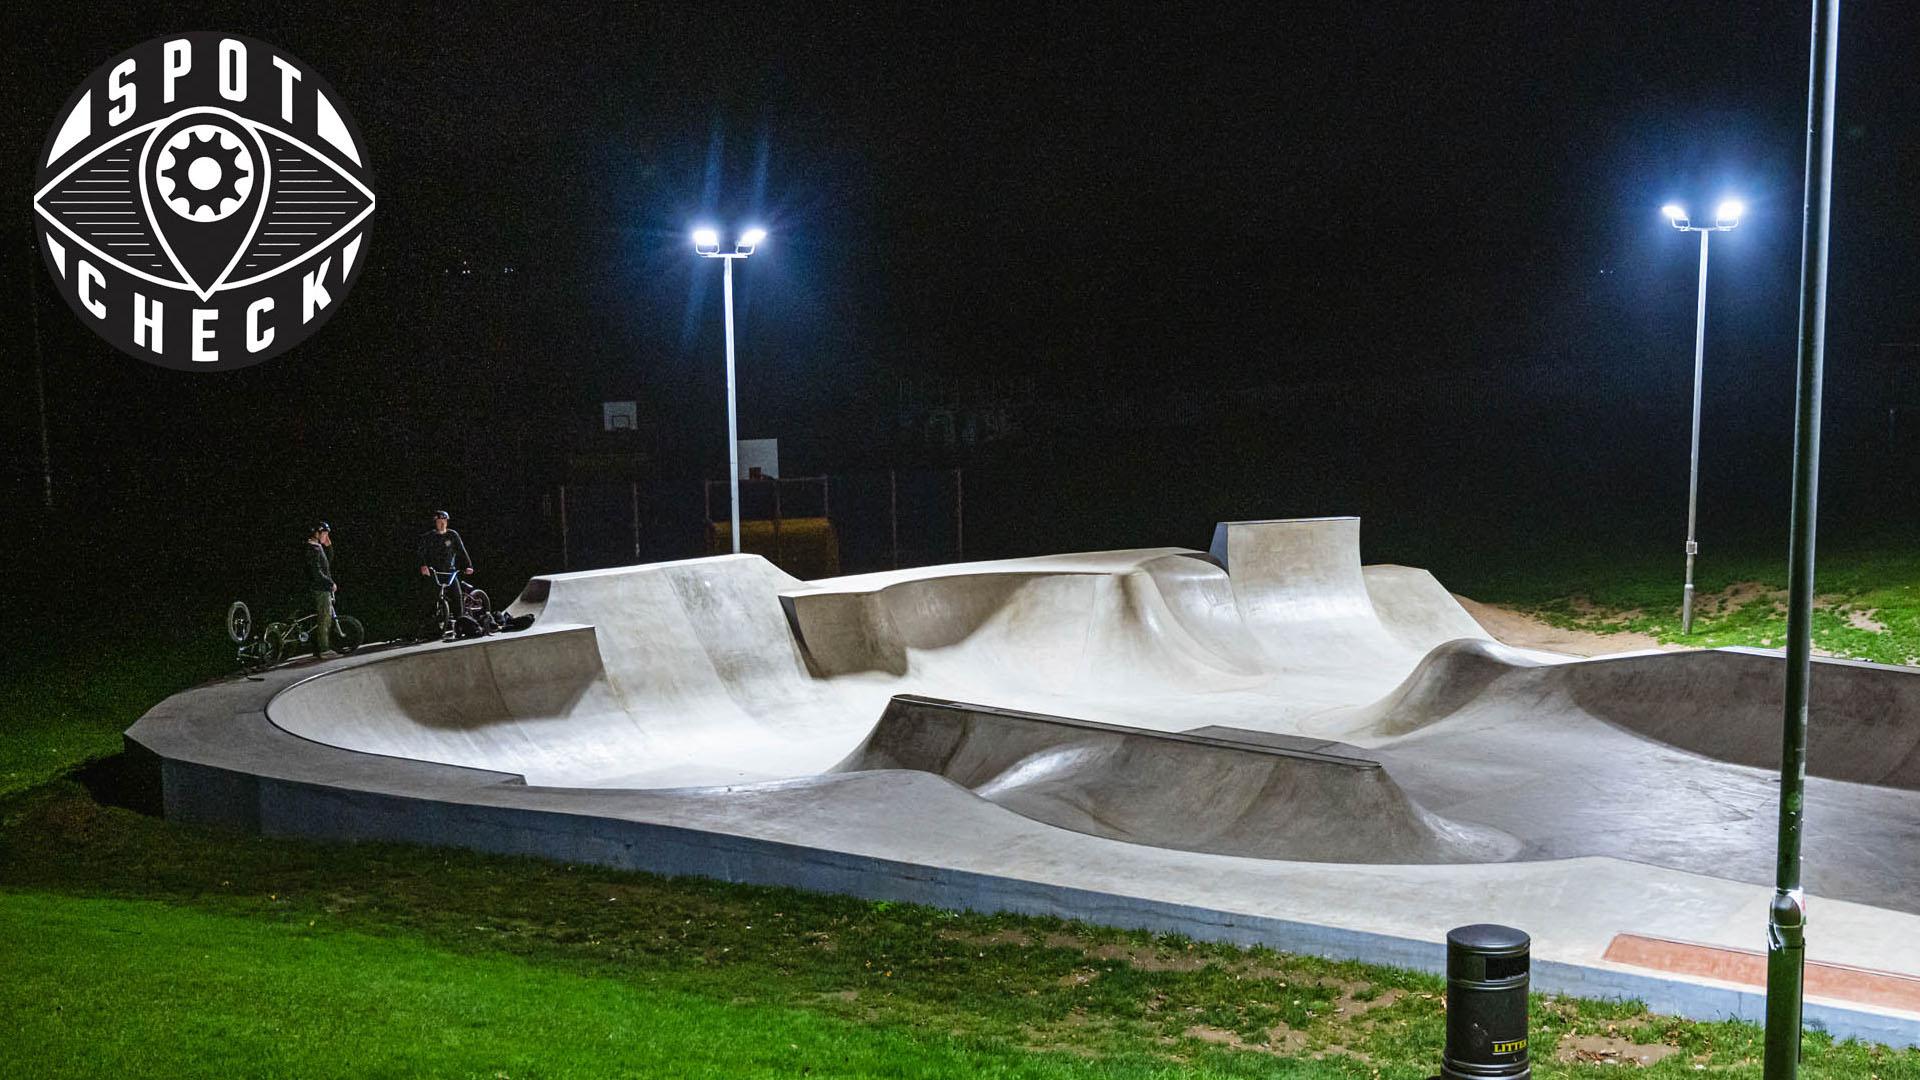 SPOT CHECK: Radcliffe on Trent Skatepark